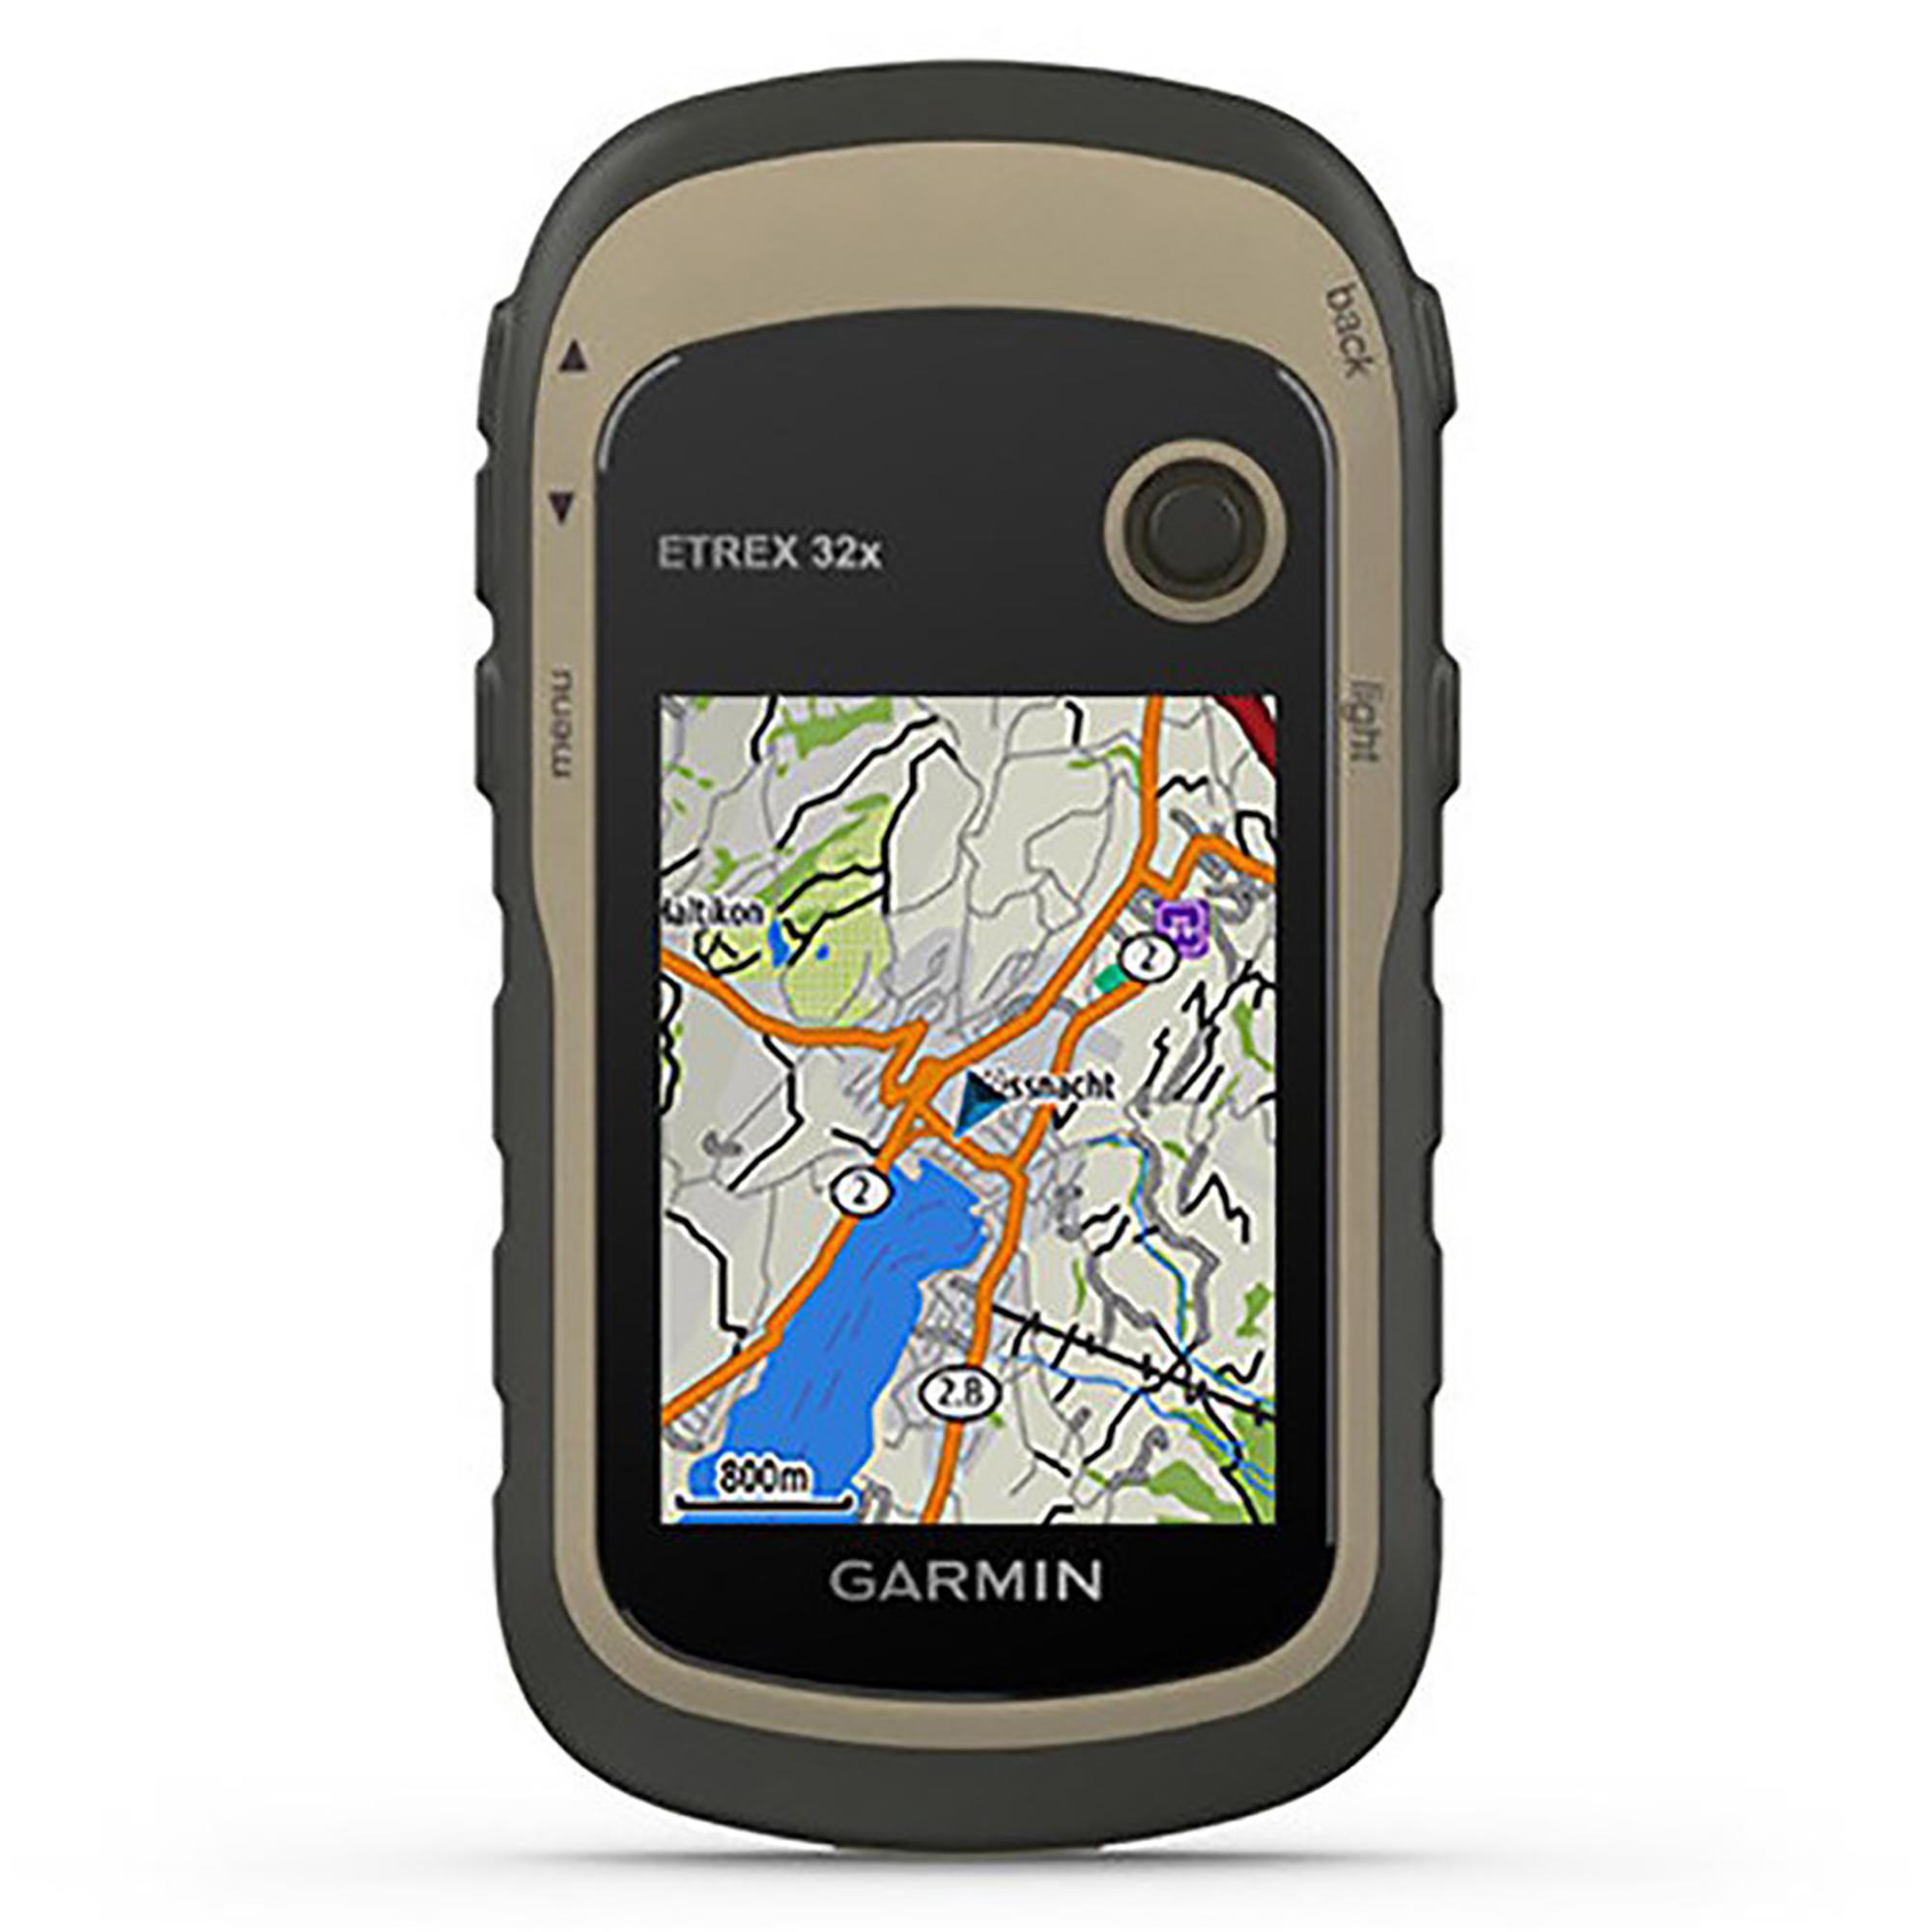 GPS GARMIN ETREX 32X imagine